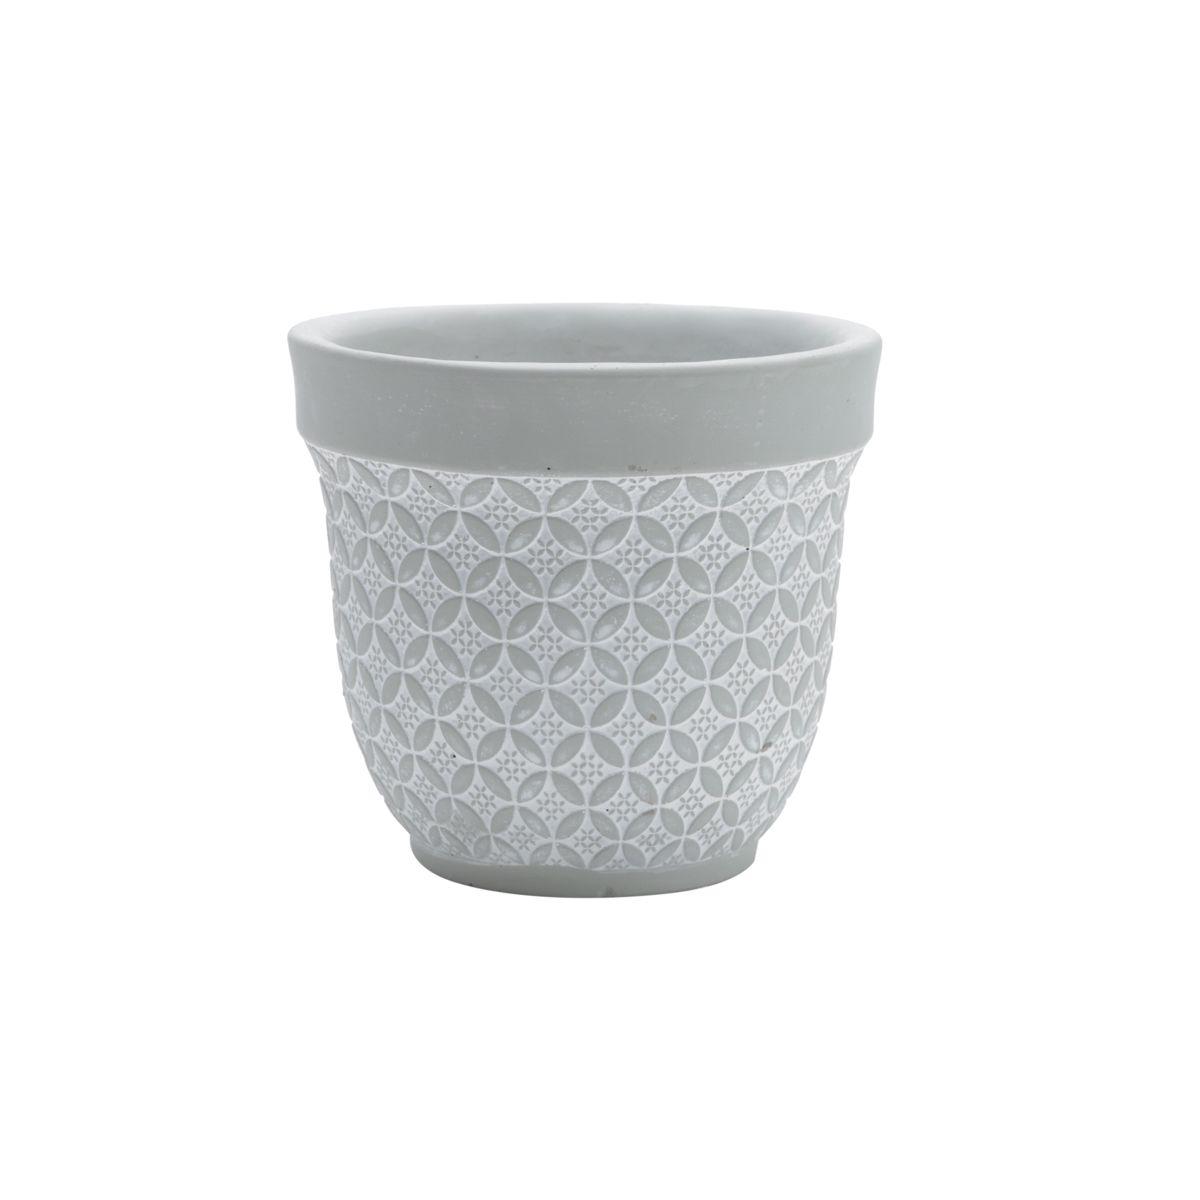 Vaso de Concreto Modern Garden Cinza 16x16x15 cm